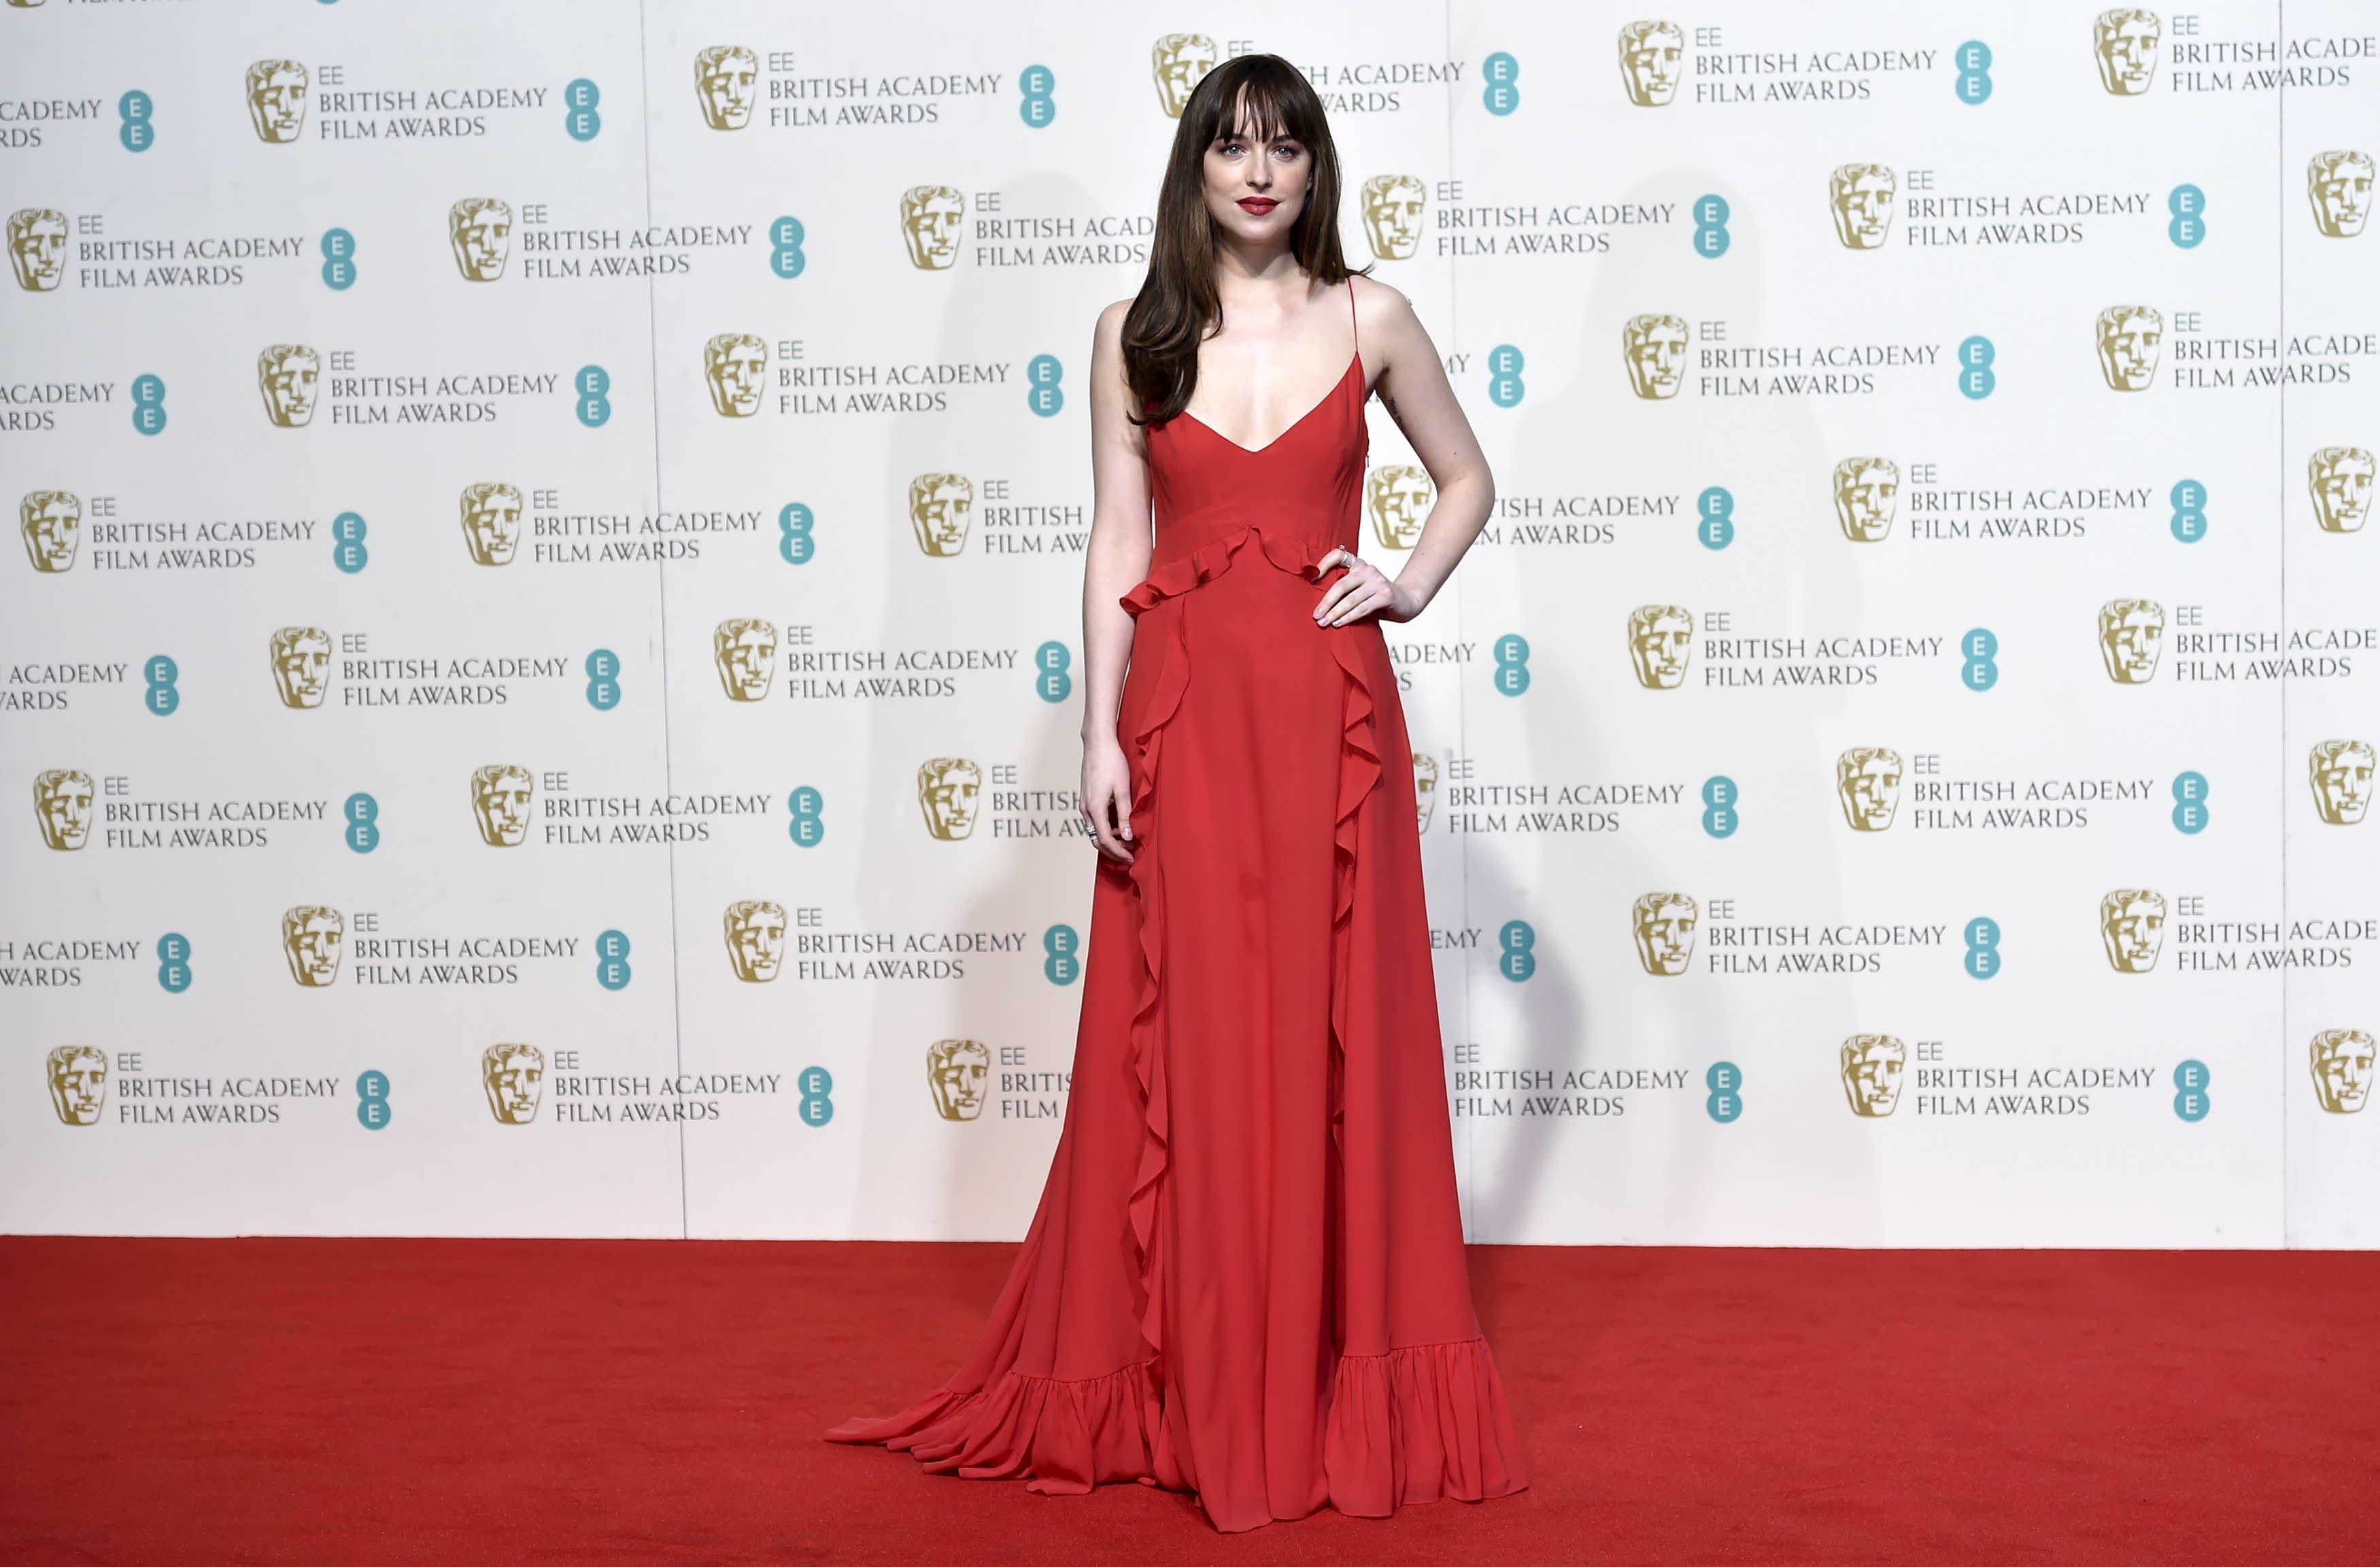 Bafta Awards: BAFTA Awards 2016: Stars Sparkle On The Red Carpet